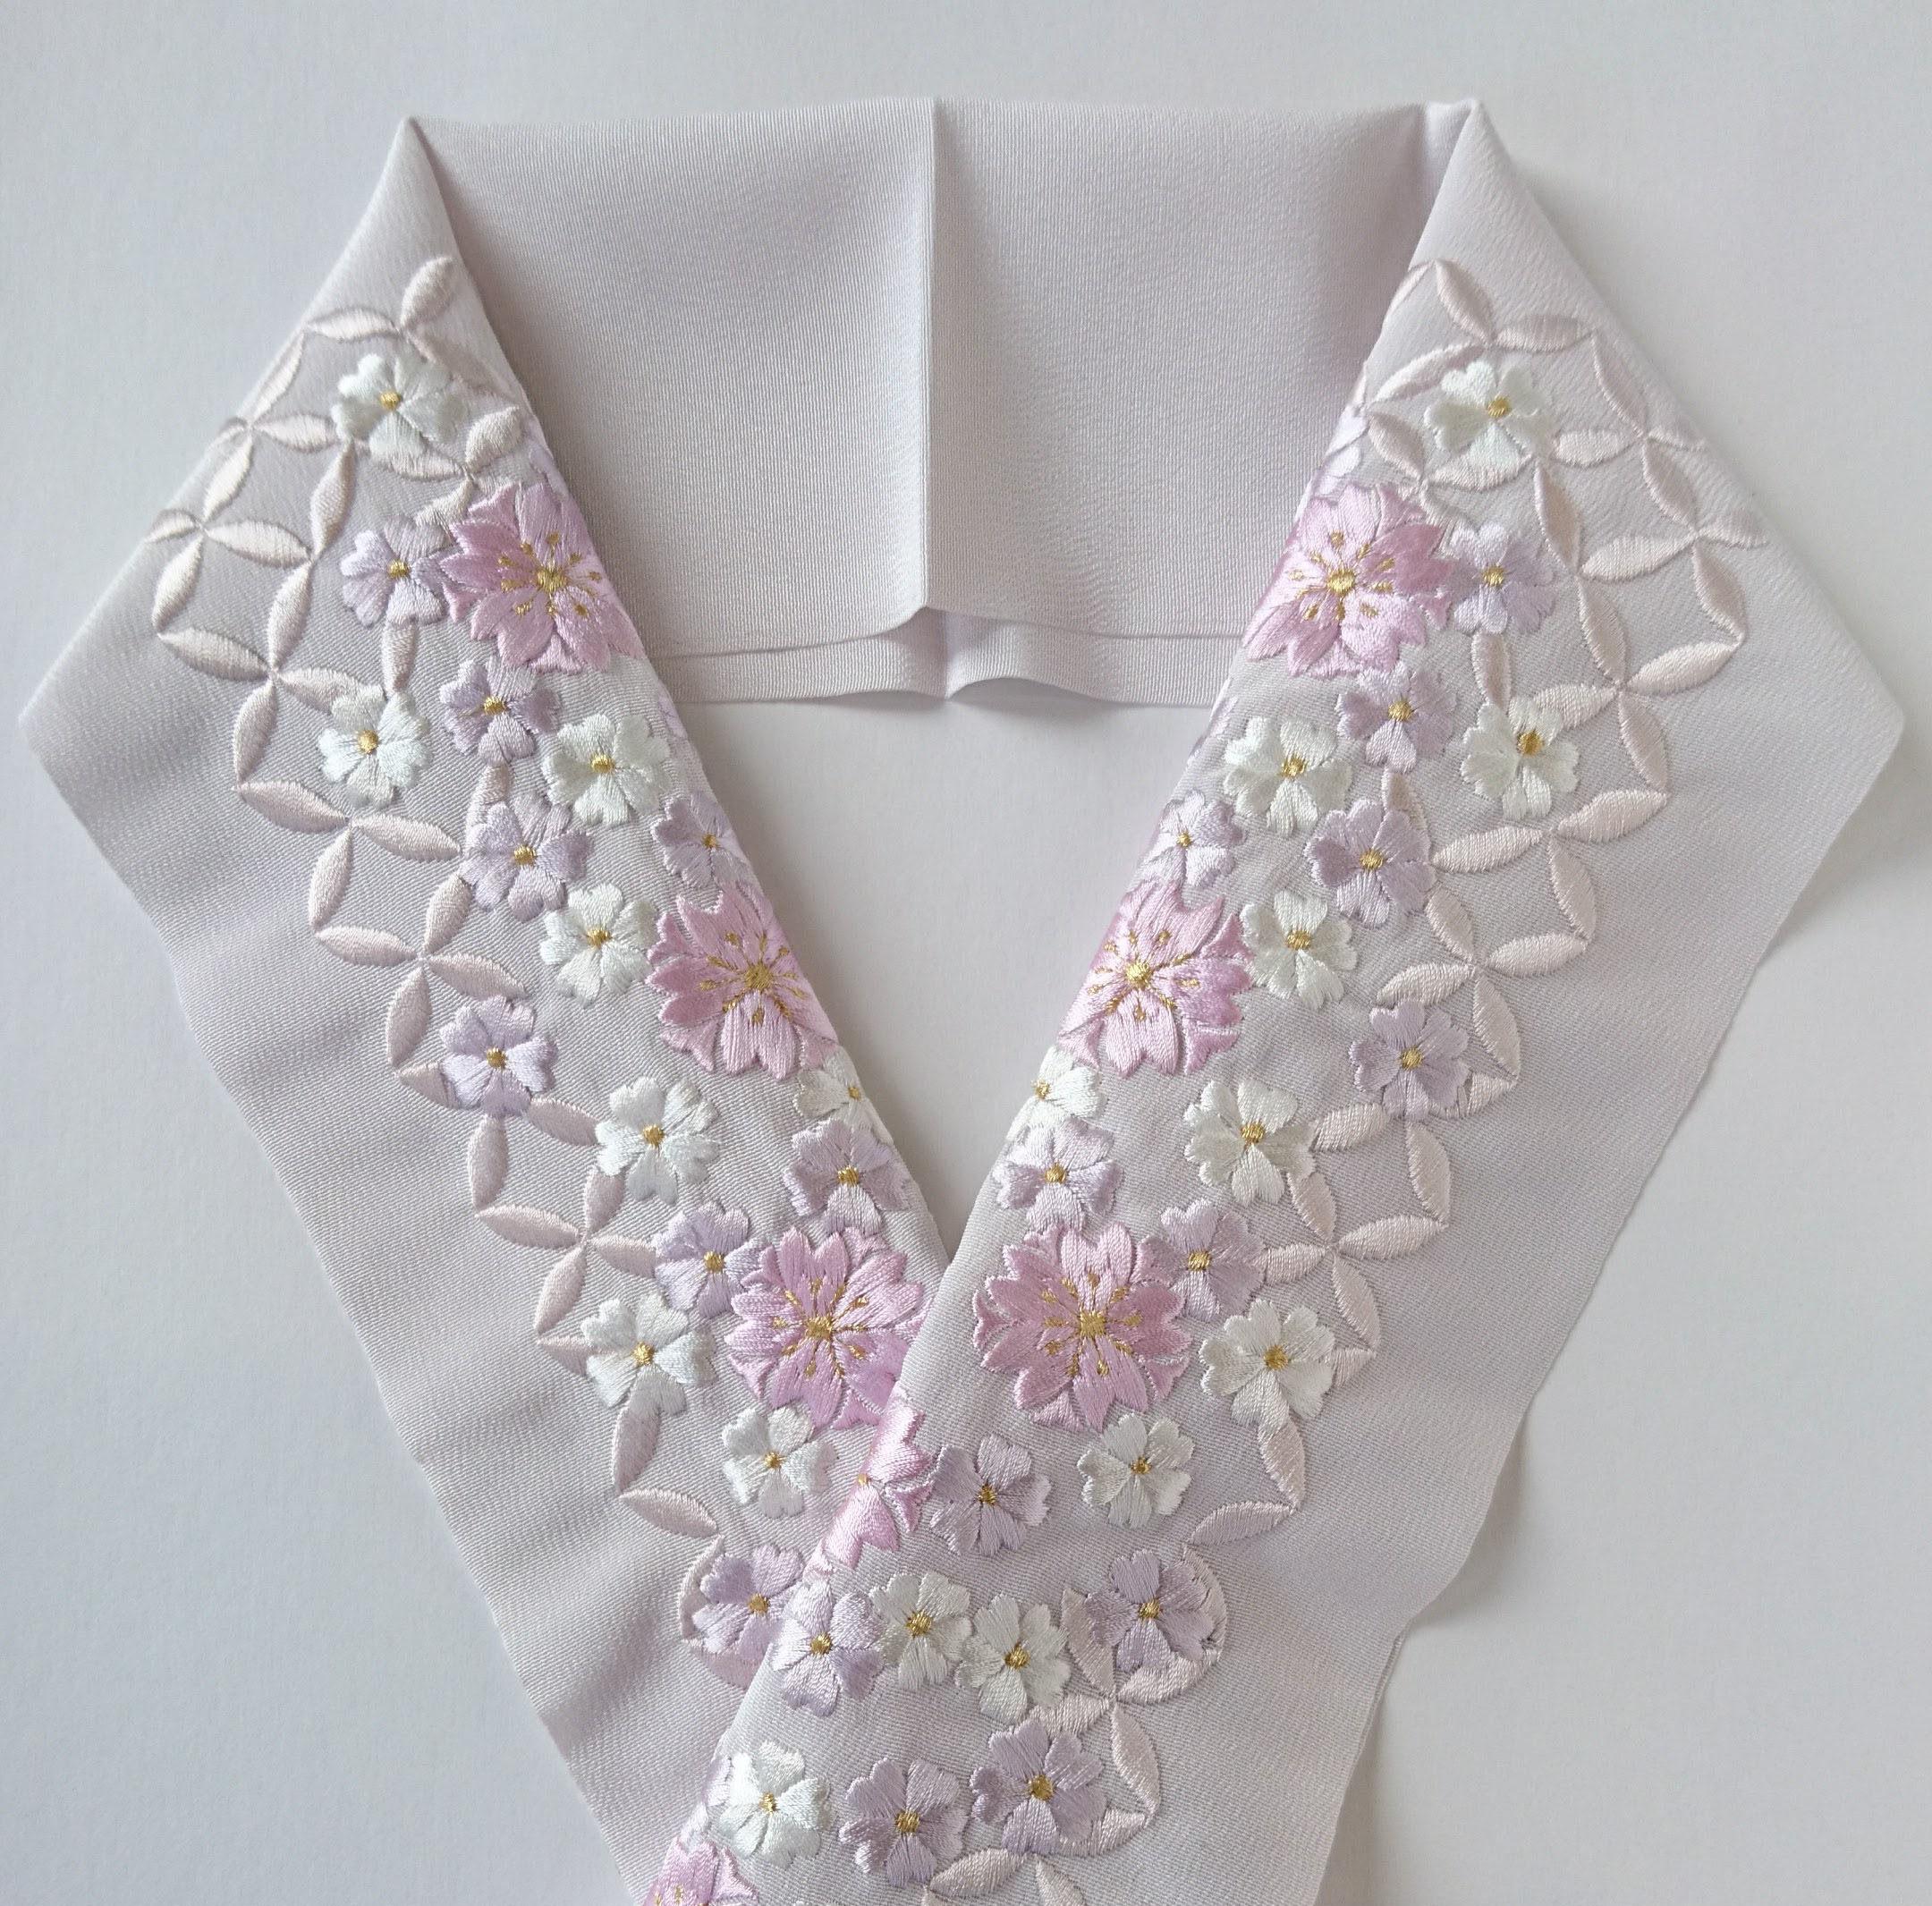 刺繍半衿 七宝に桜 薄紫